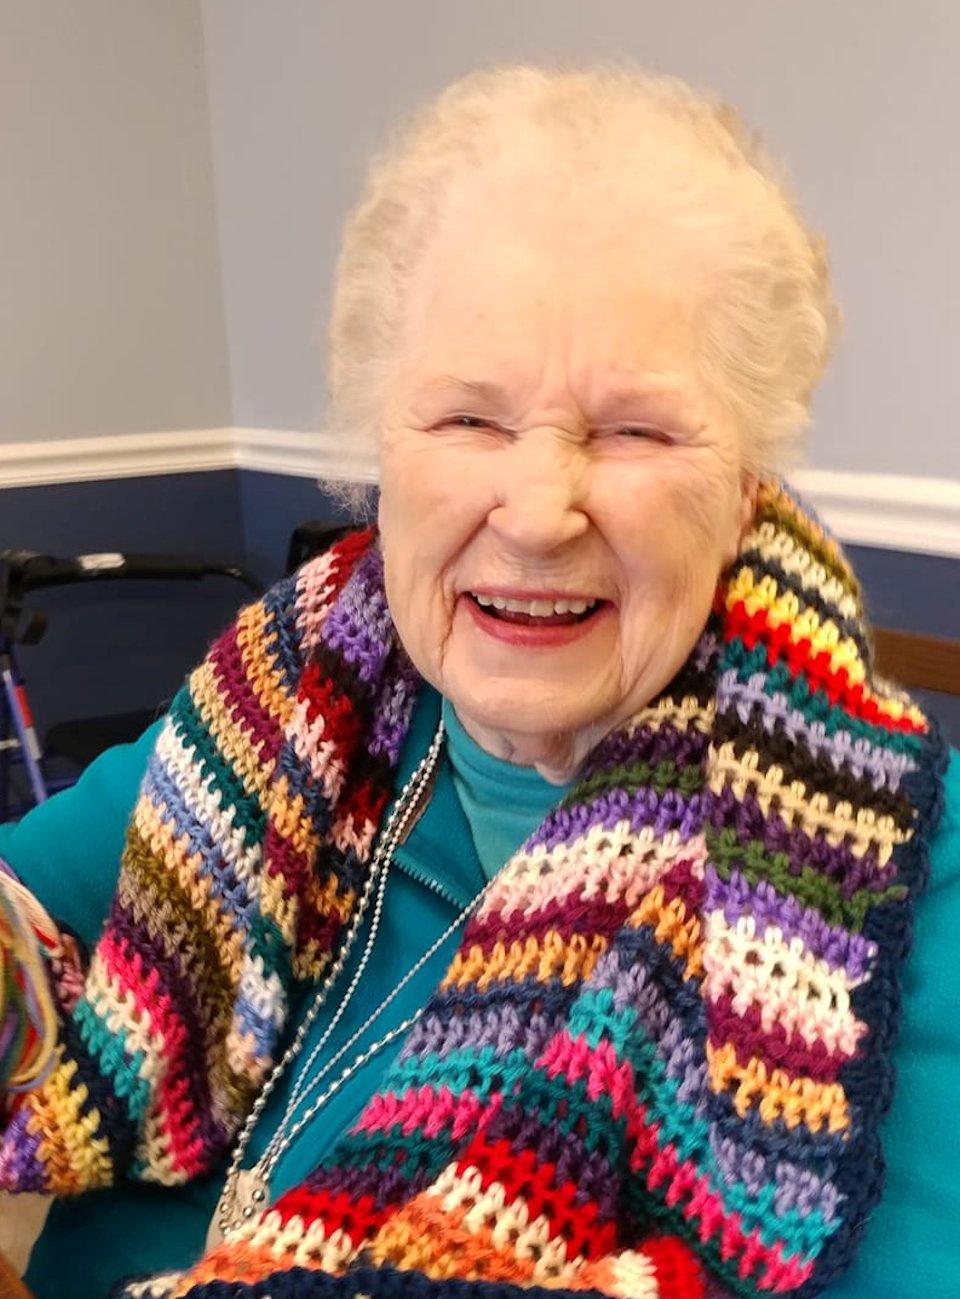 Woman wearing prayer shawl